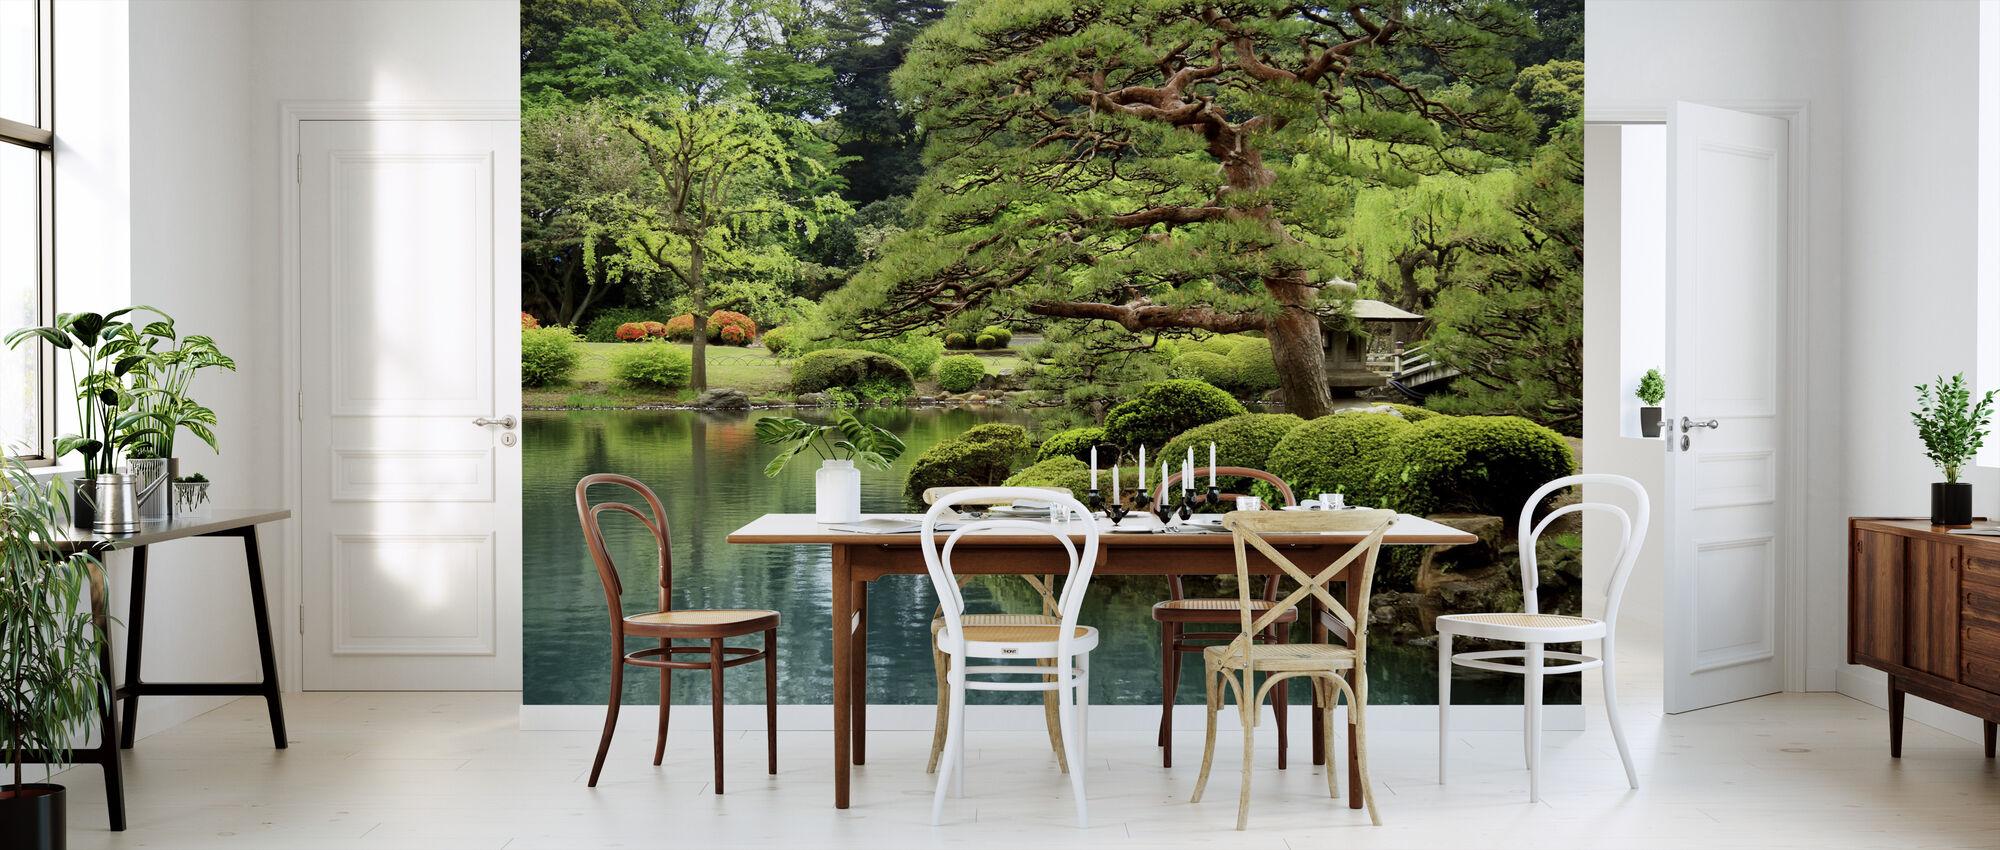 Rauhallinen Zen-järvi ja Bonsai puut Tokion puutarhassa - Tapetti - Keittiö